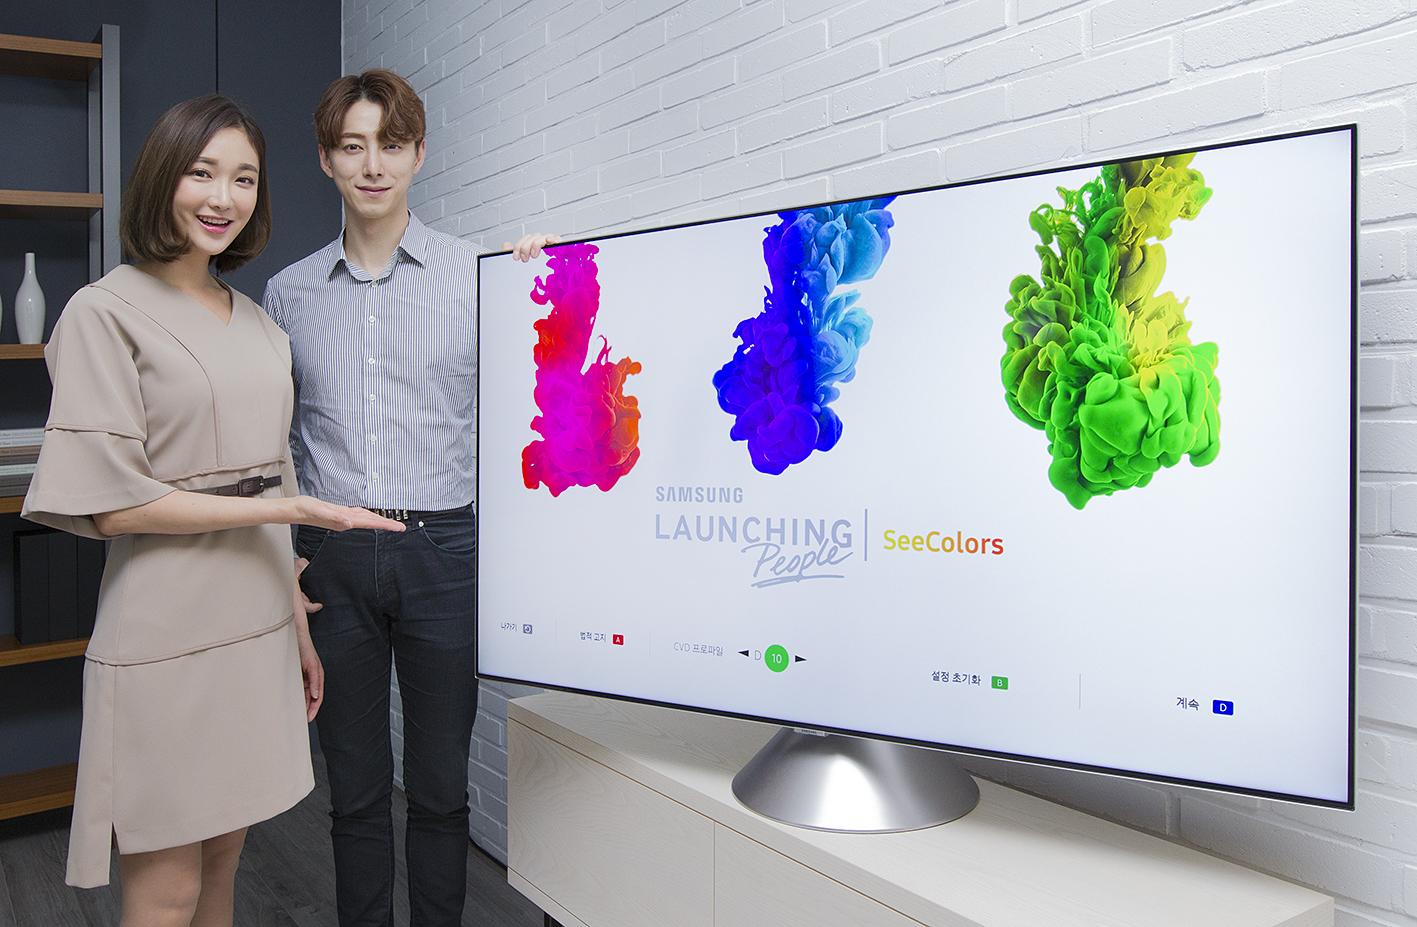 삼성전자 모델들이 삼성 스마트 TV로 색각이상자를 위한 씨컬러스 앱을 소개하고 있다.